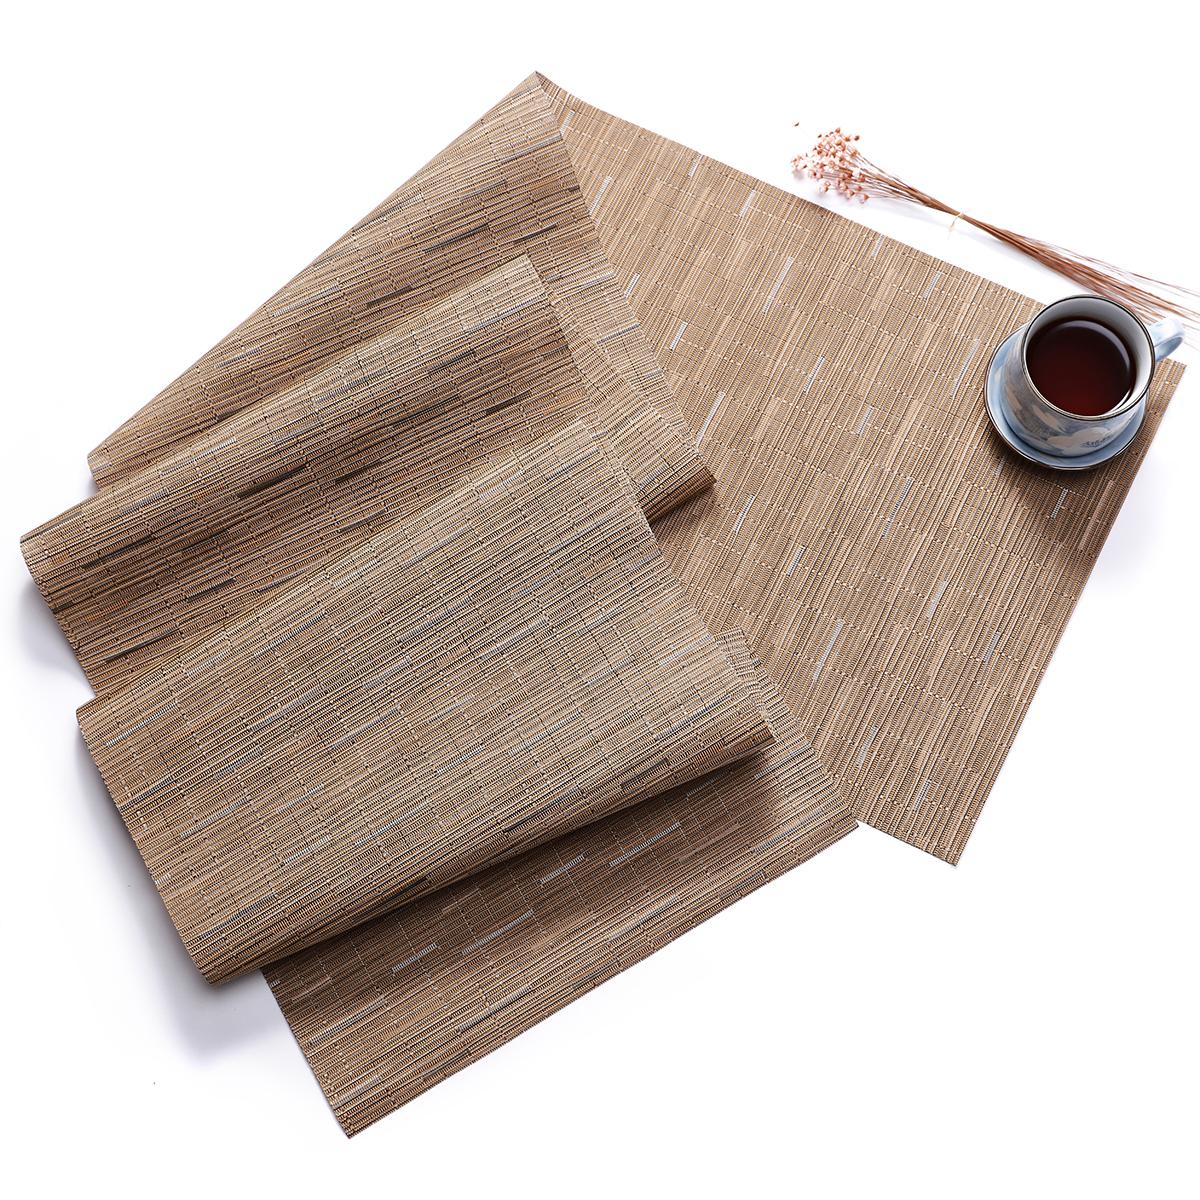 D-casa caliente venta suciedad impermeable a prueba de decoración de lujo de Pvc Mesa Runner